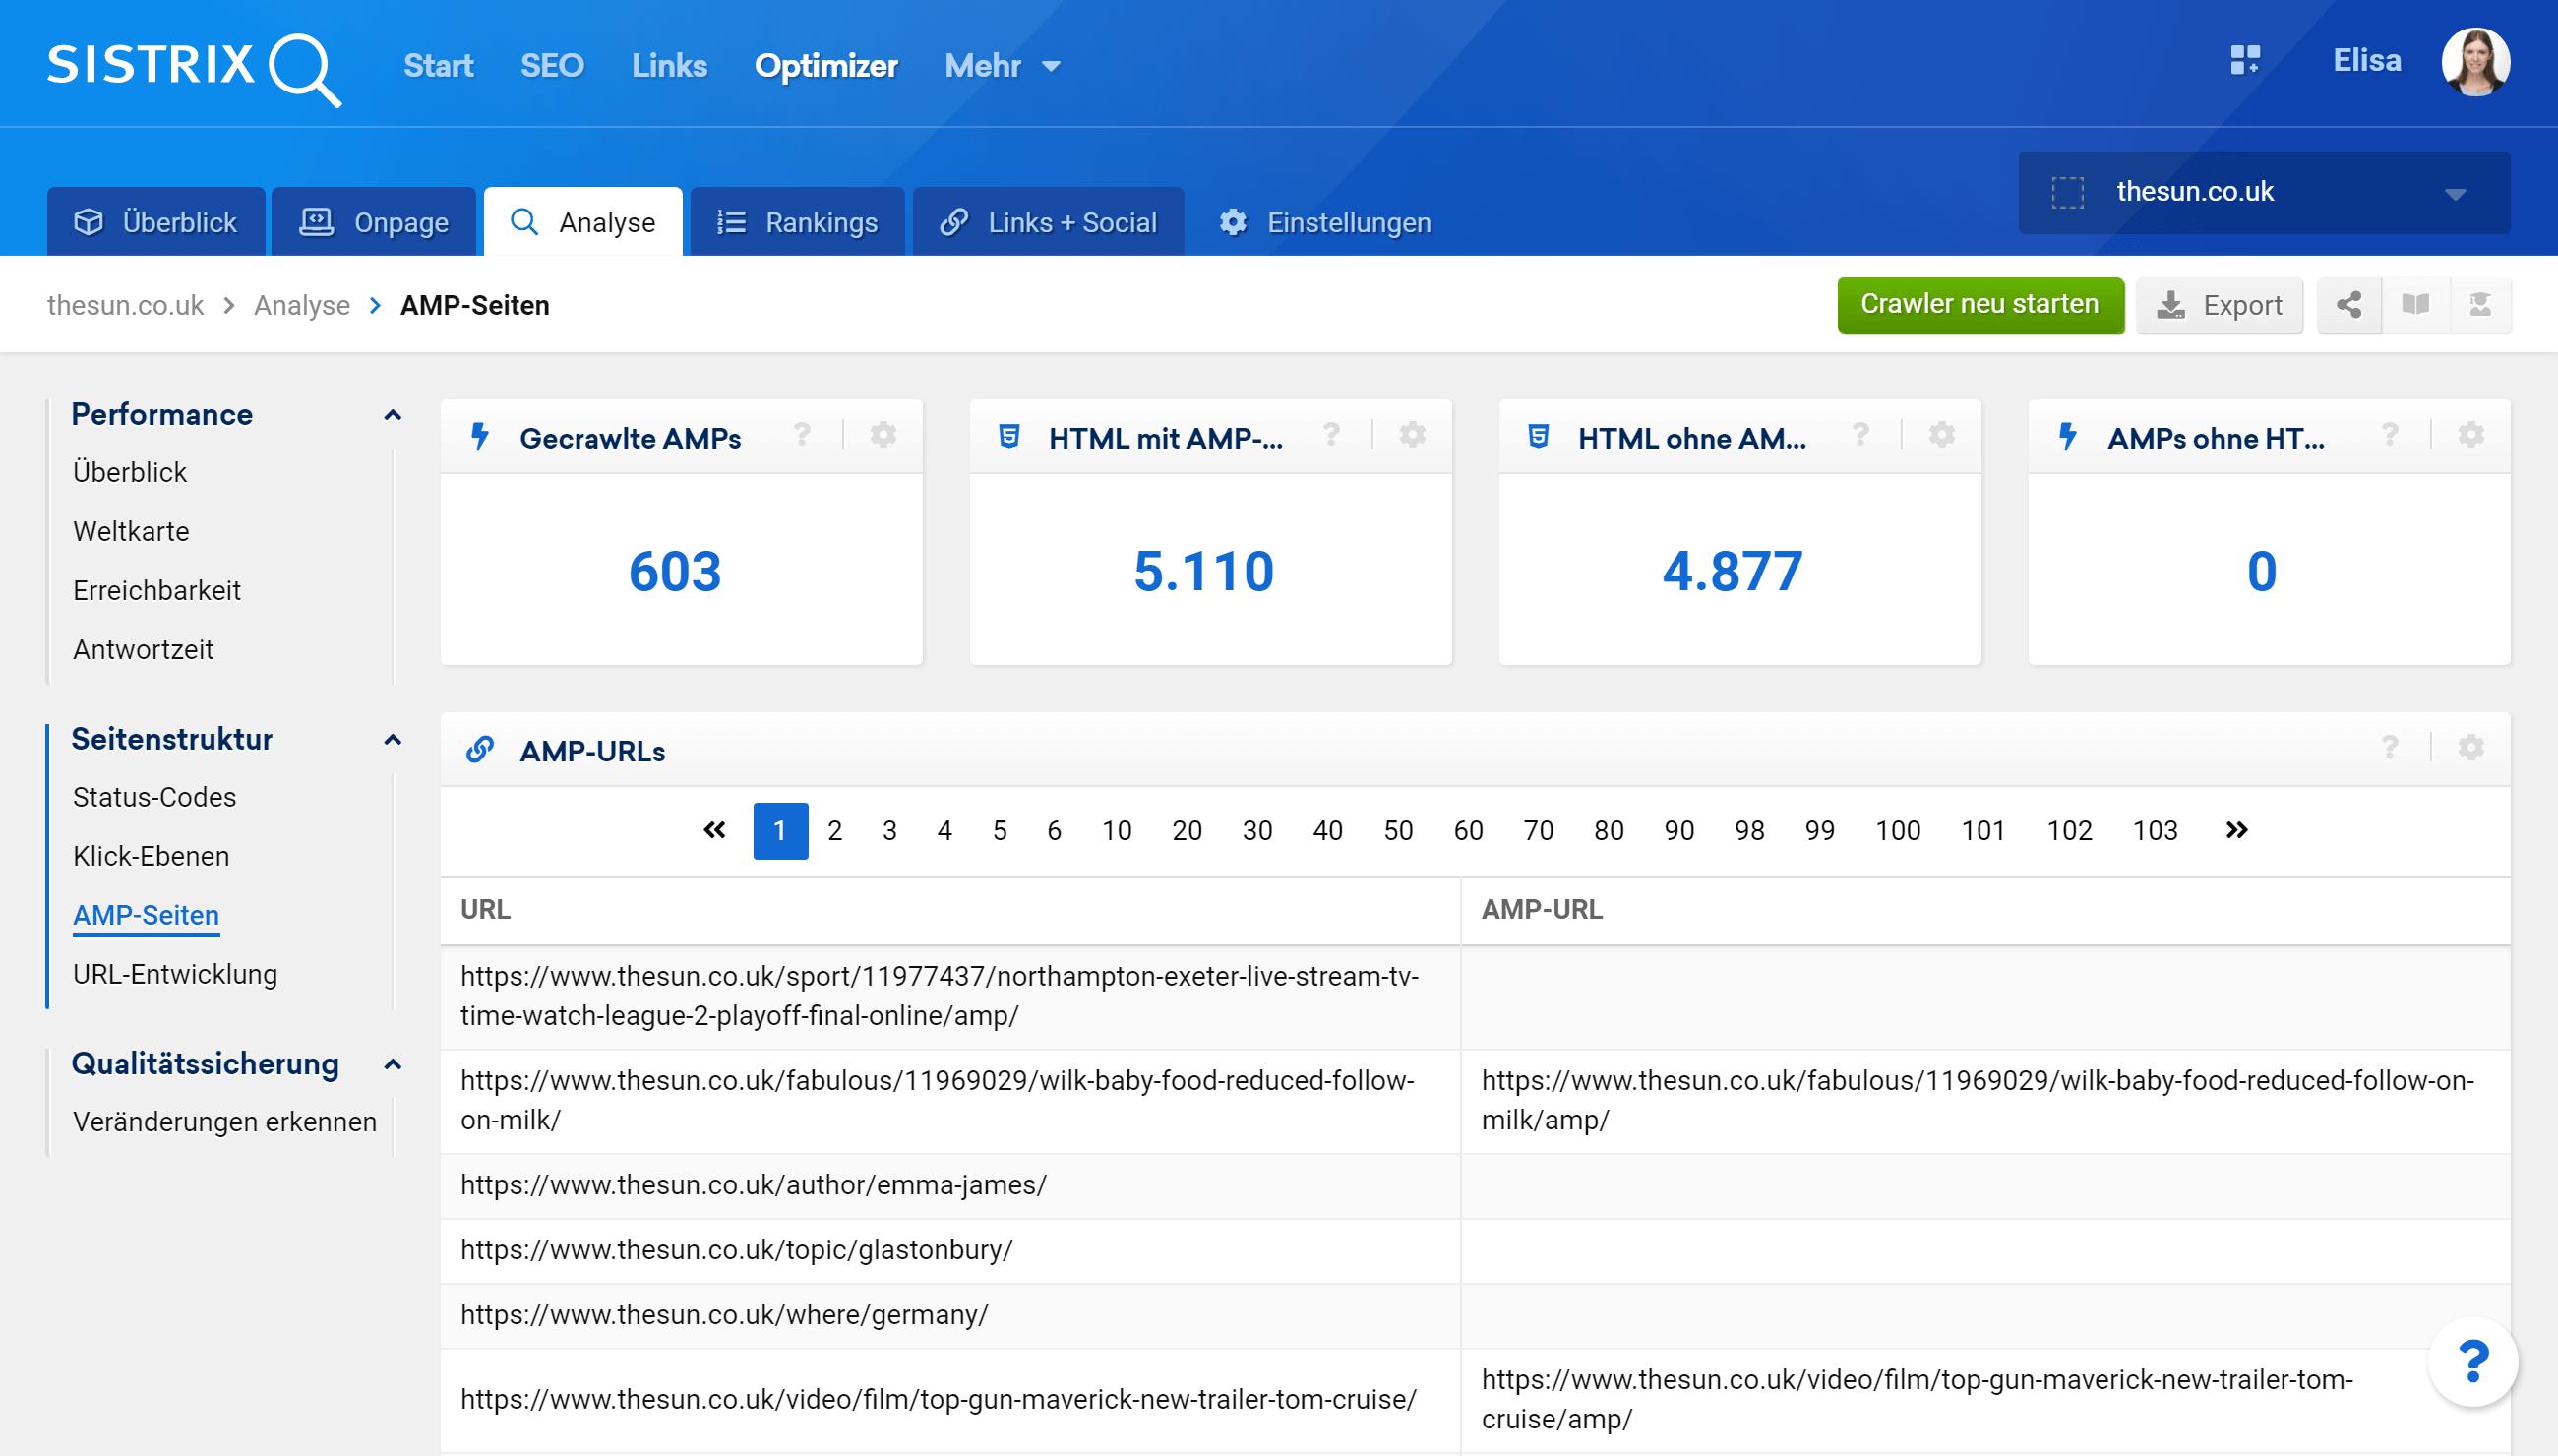 Die Funktion AMP-Seiten im SISTRIX Toolbox